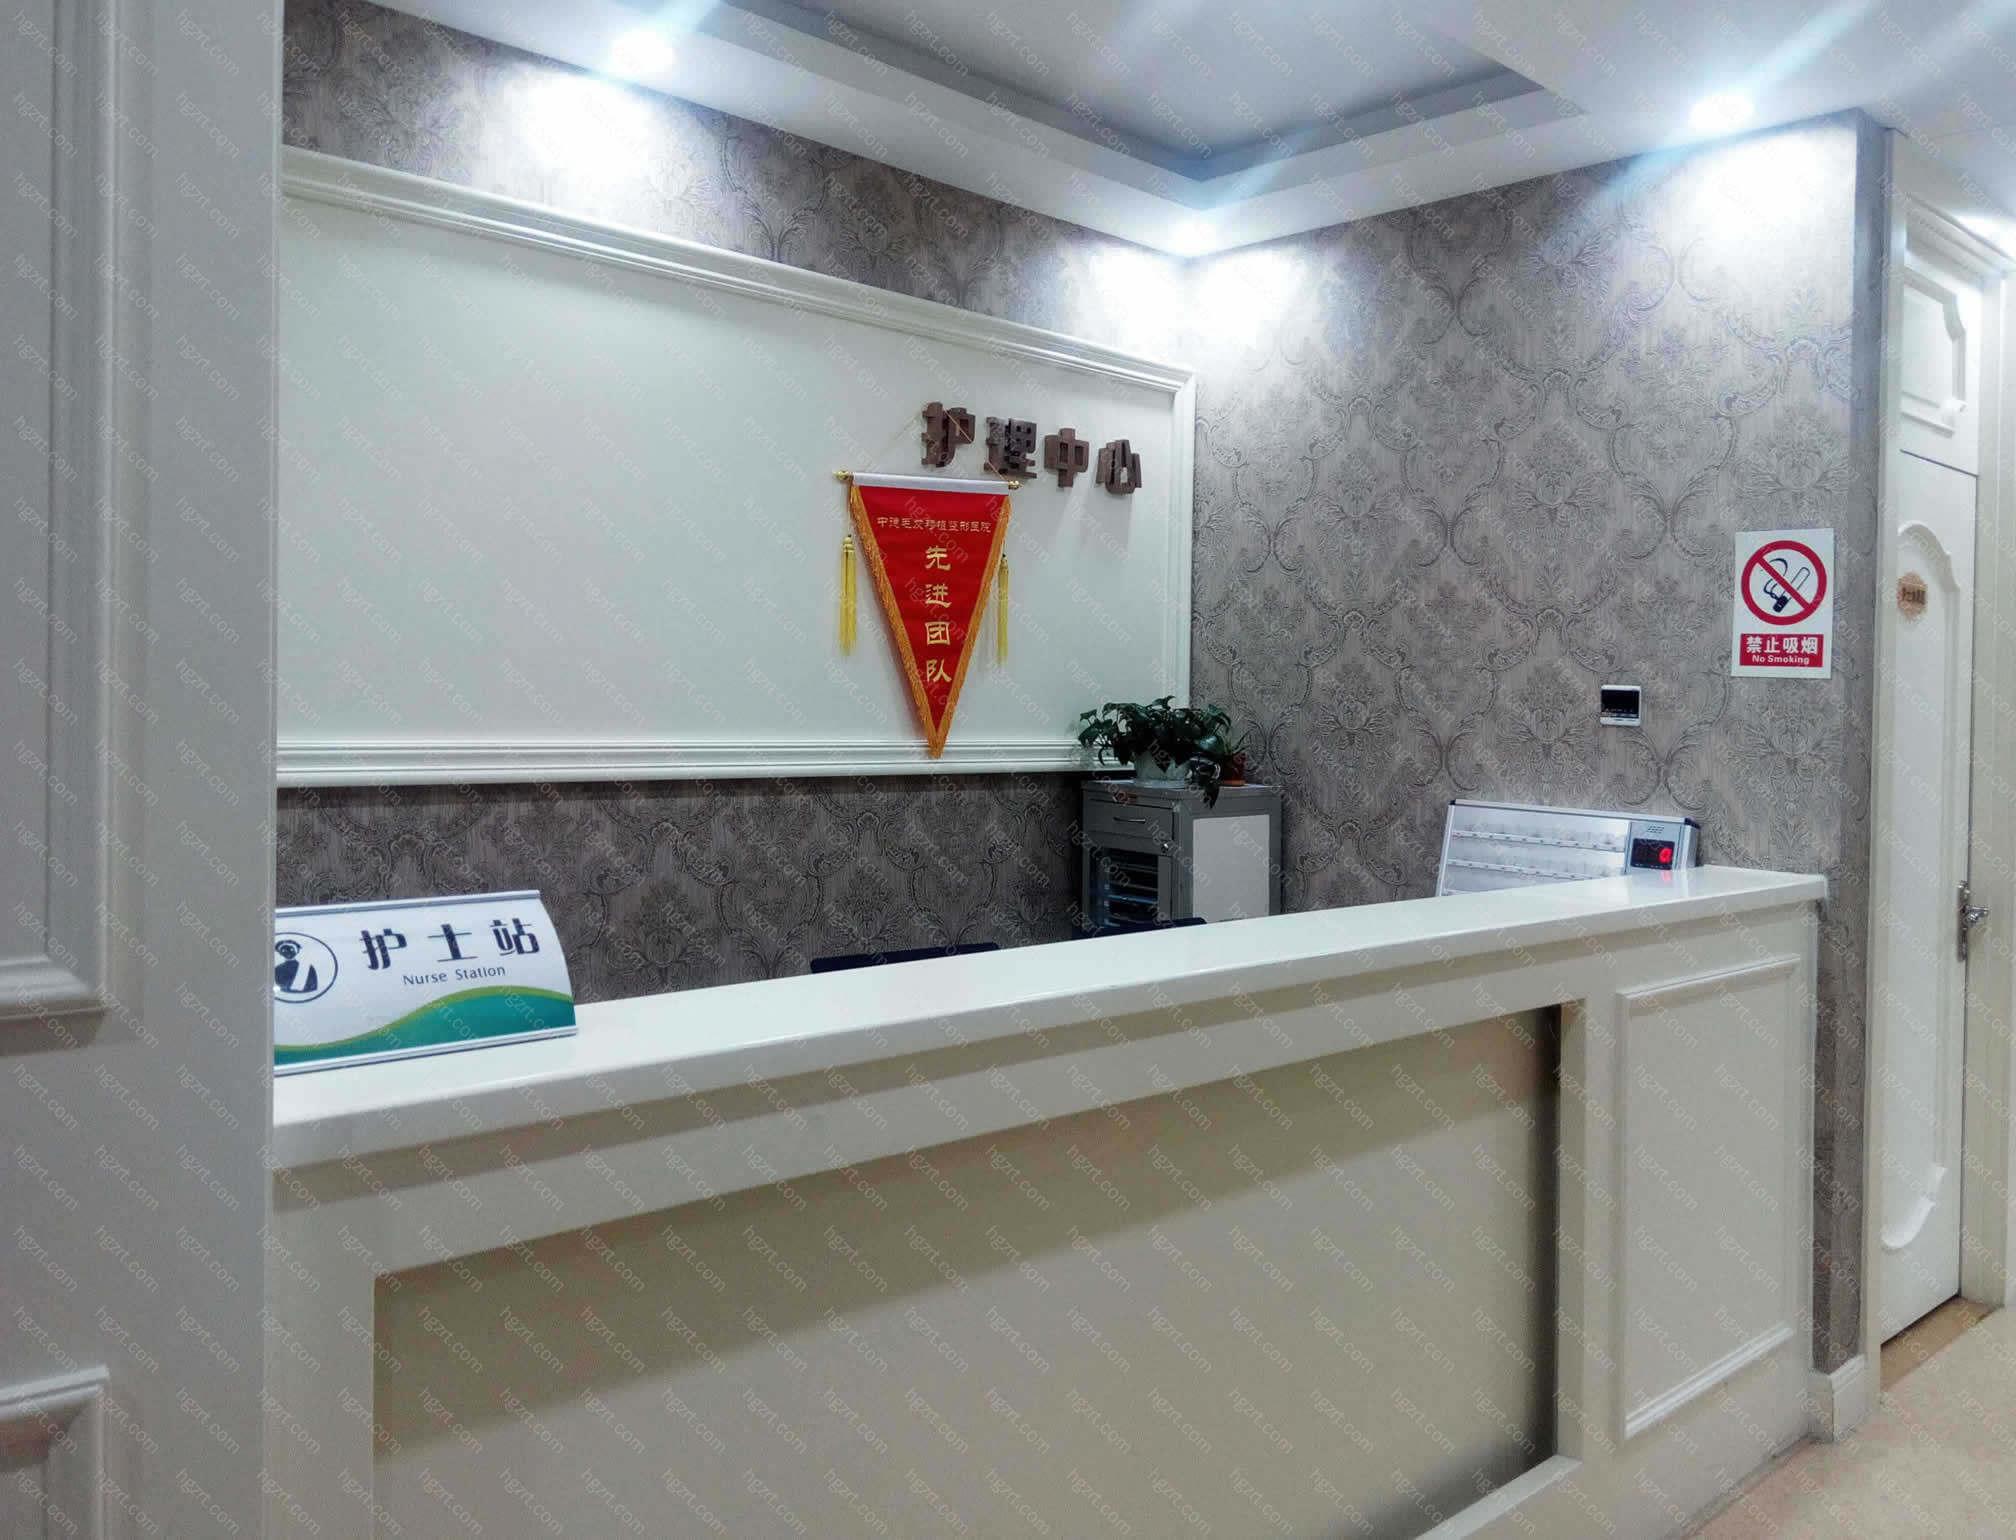 2009年制定了中国毛发移植培训基地标准、中国毛发移植医师培训标准及中国毛发移植技术操作标准等级的行业标准